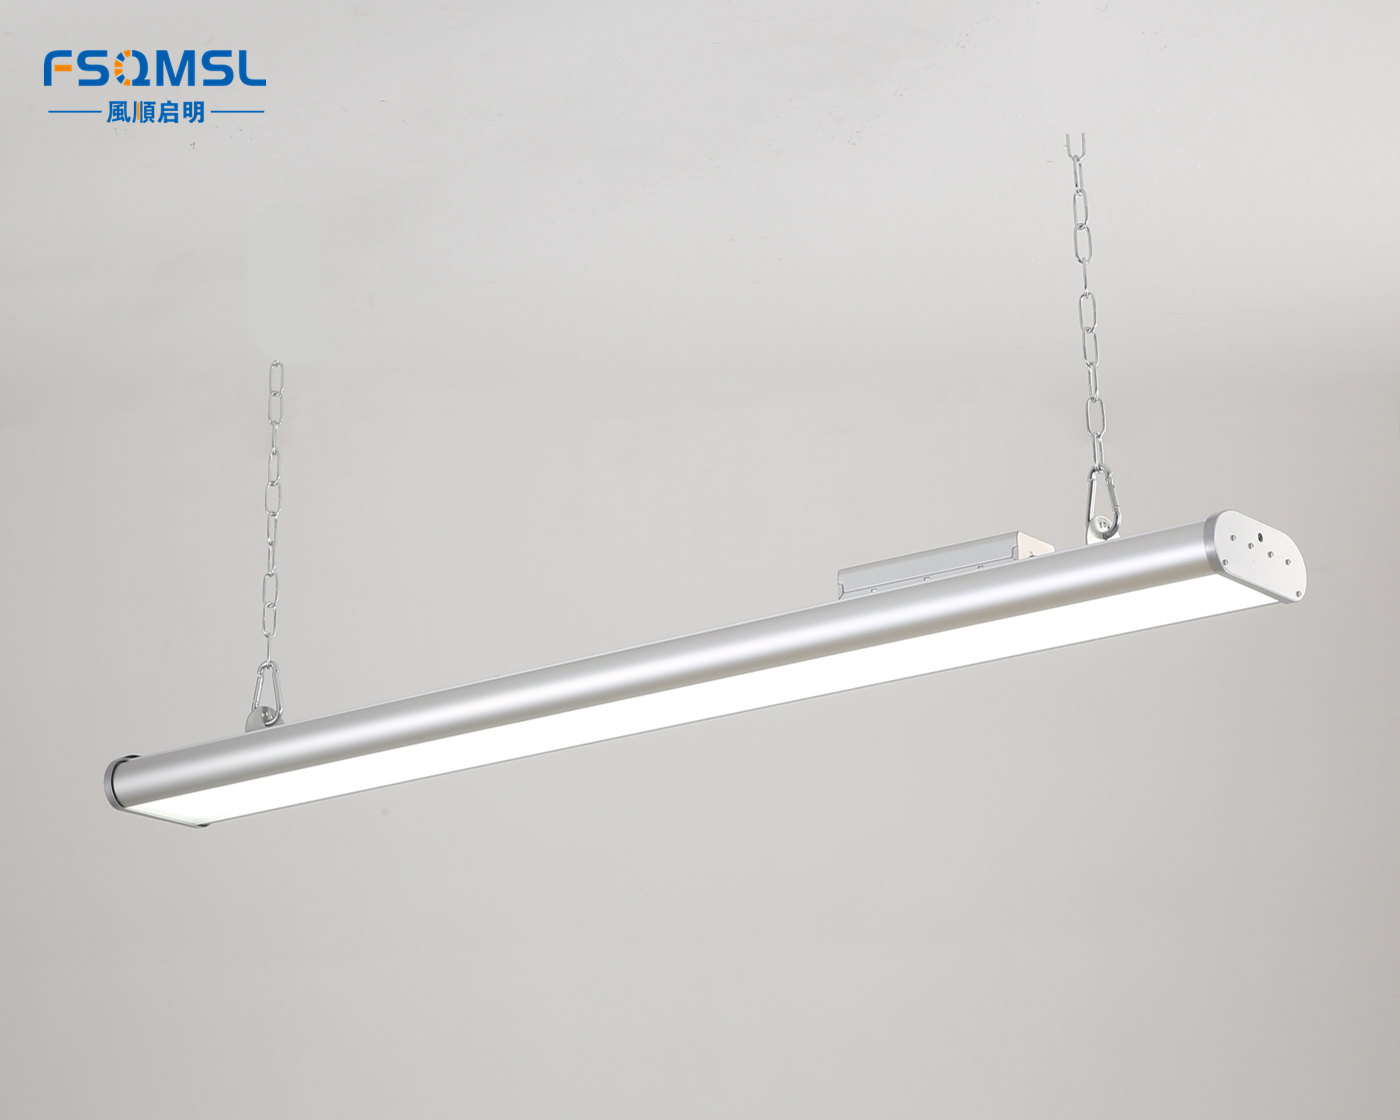 條形LED羽毛球館燈 FS-TP0828 (100-240w)